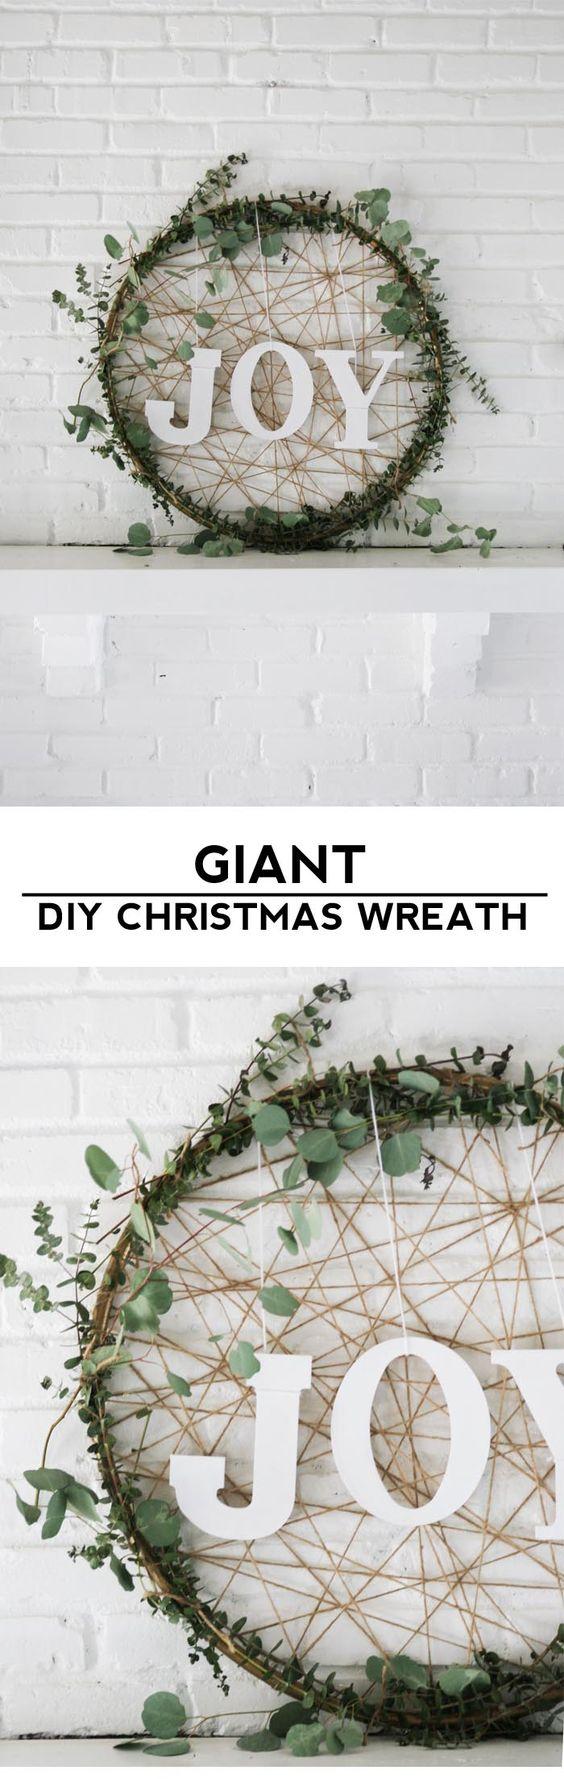 Giant DIY Christmas Wreath.